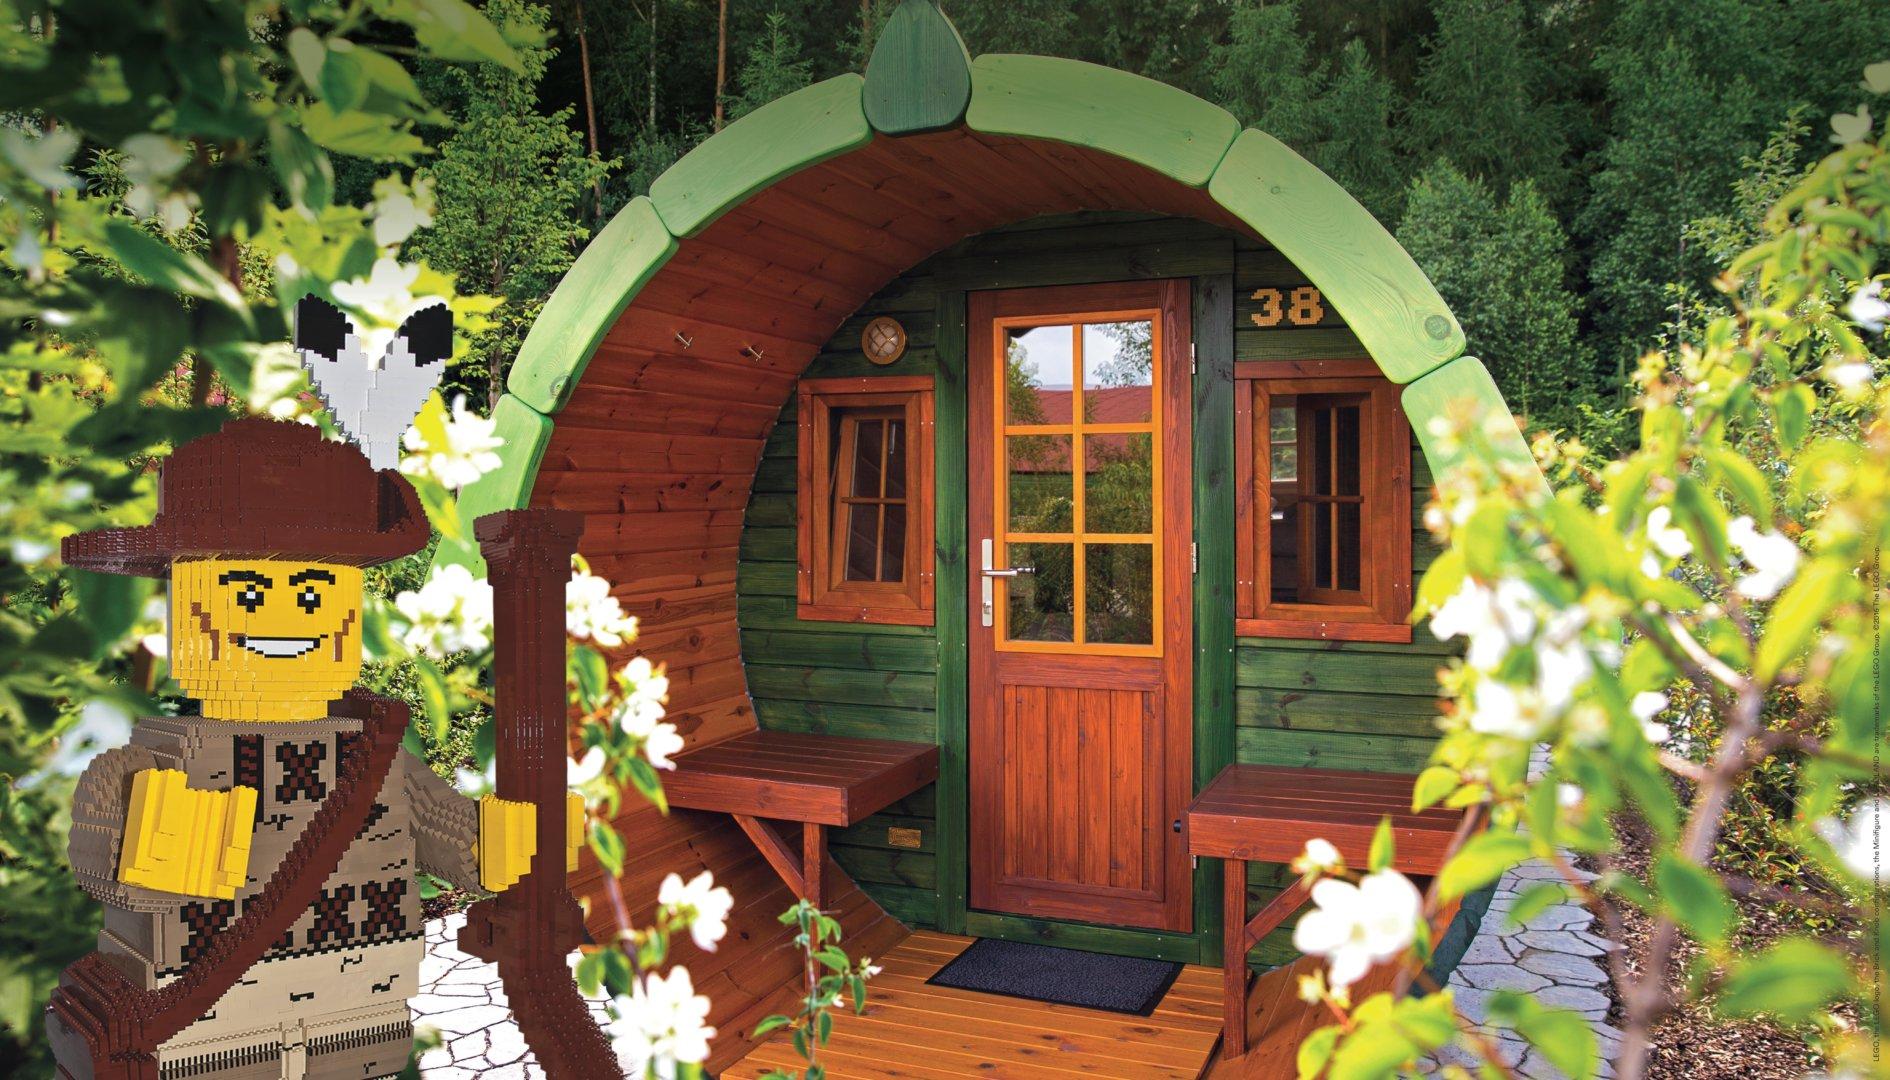 Nocleg LEGOLAND Village camping opinie z dzieckiem rodzaje zakwaterowania (1)